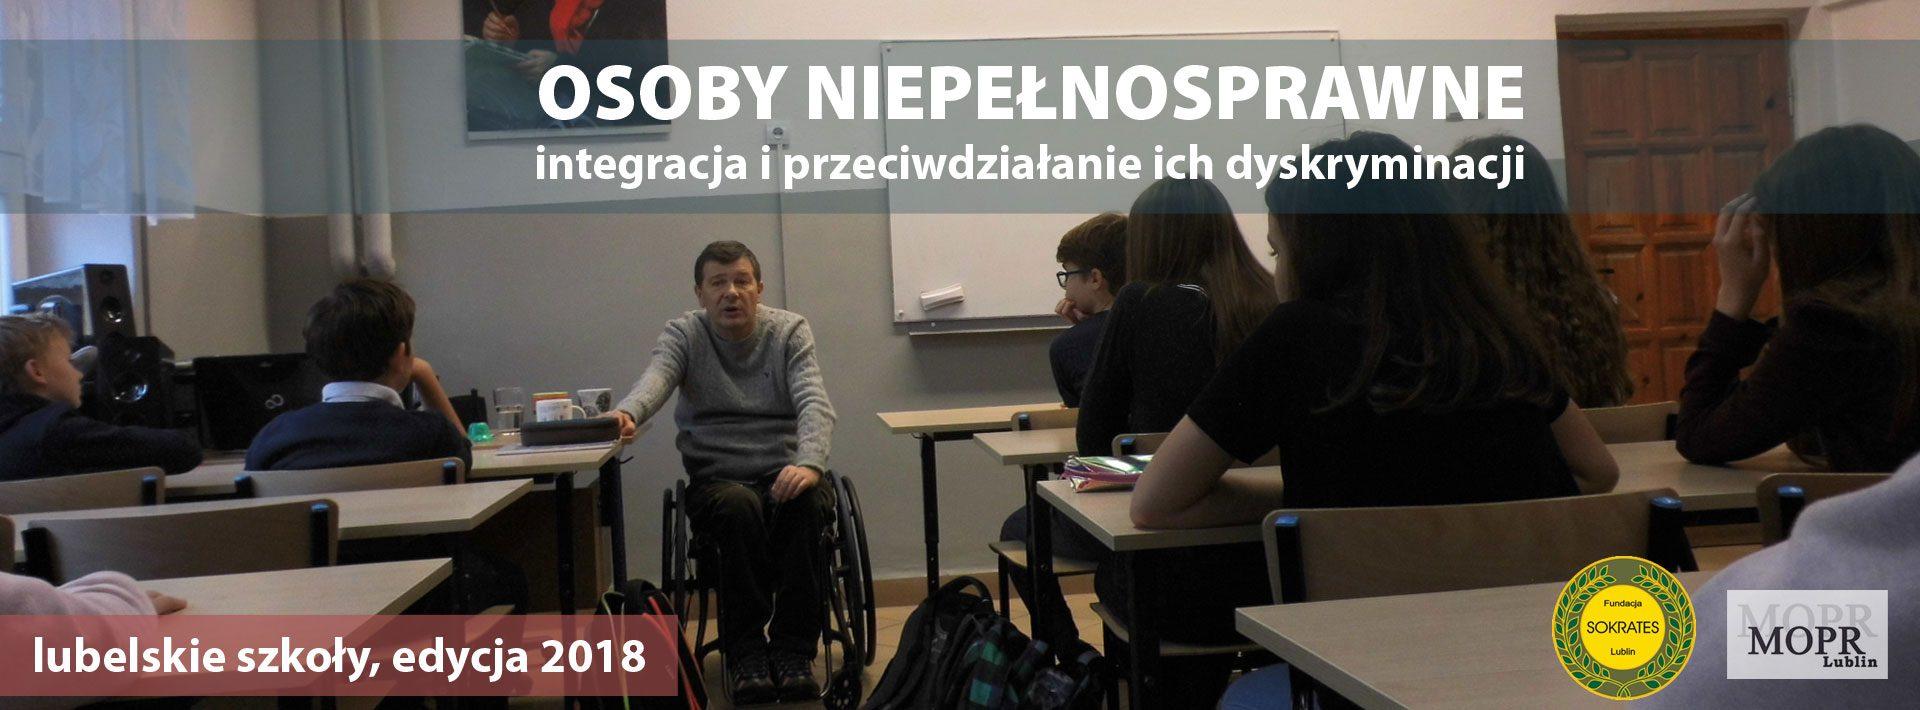 Osoby Niepełnosprawne - integracja i przeciwdziałanie ich dyskryminacji. Na zdjęciu Wiesław Olechowski podczas prowadzenia zajęć z uczniami szkoły podstawowej.